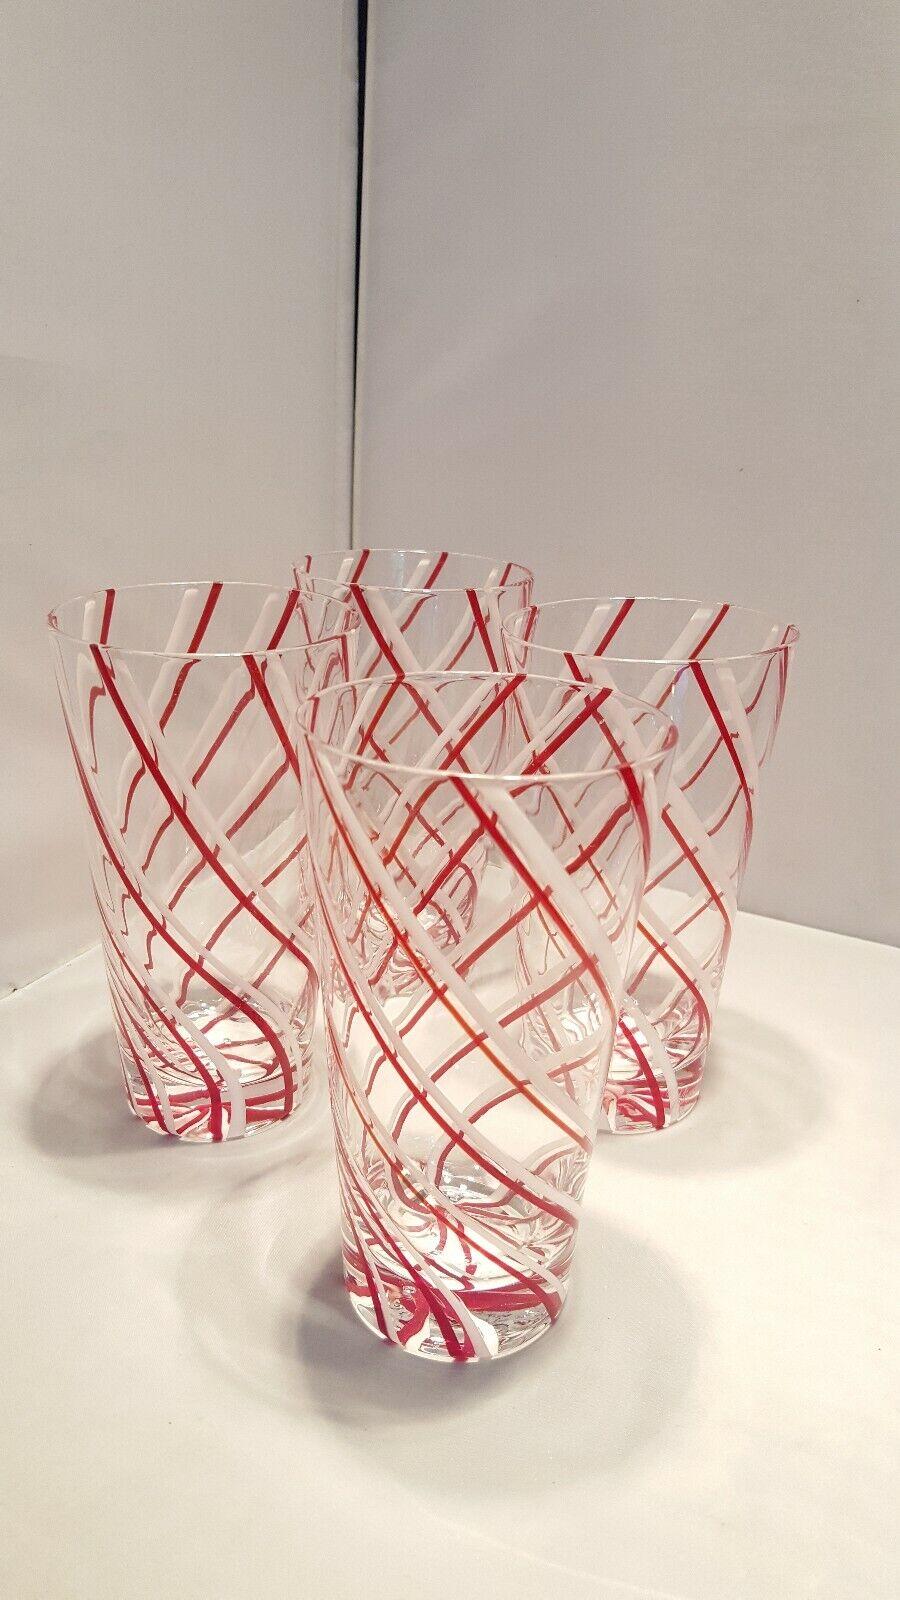 RARE Mignon Faget Set of 4 Art Glass Highball Glasses rot & Weiß Swirl Design